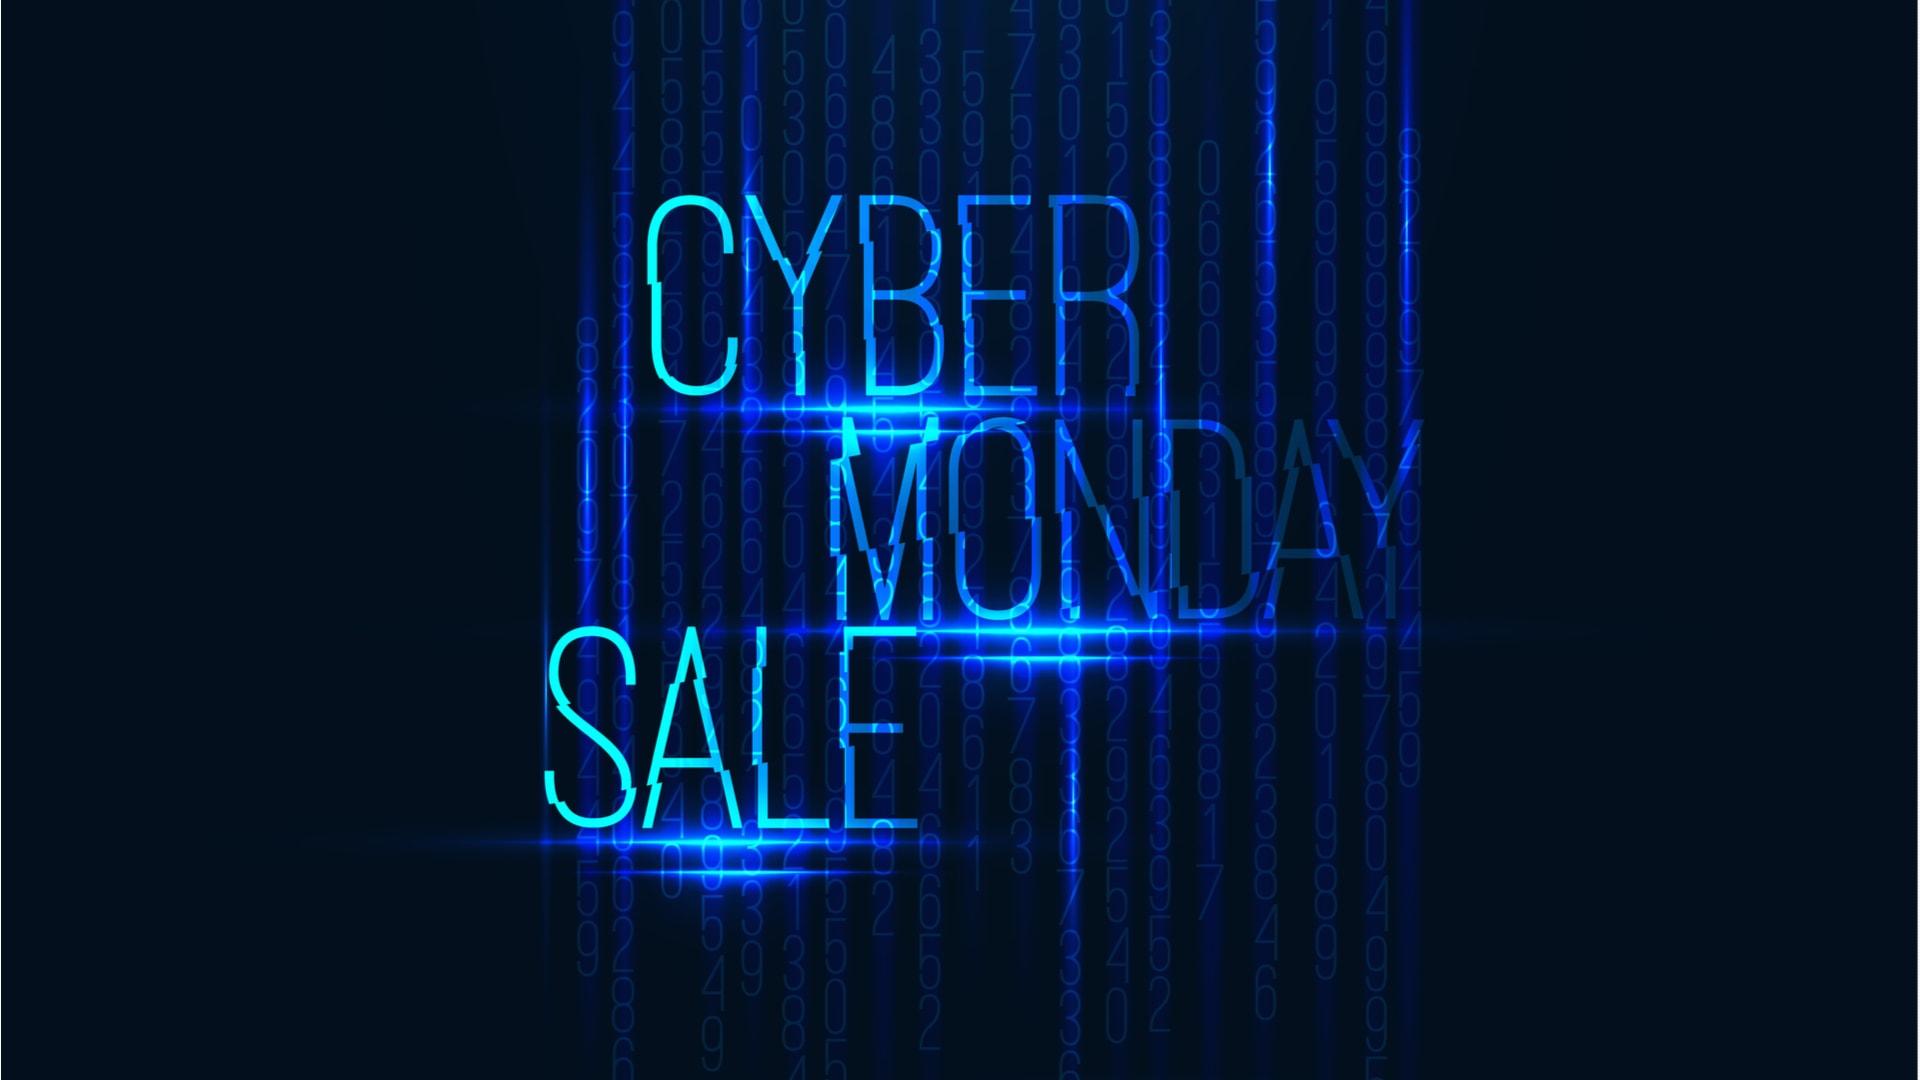 Cyber Monday 2017 w Polsce - najlepsze promocje i kody rabatowe na Cyber Poniedziałek 2017